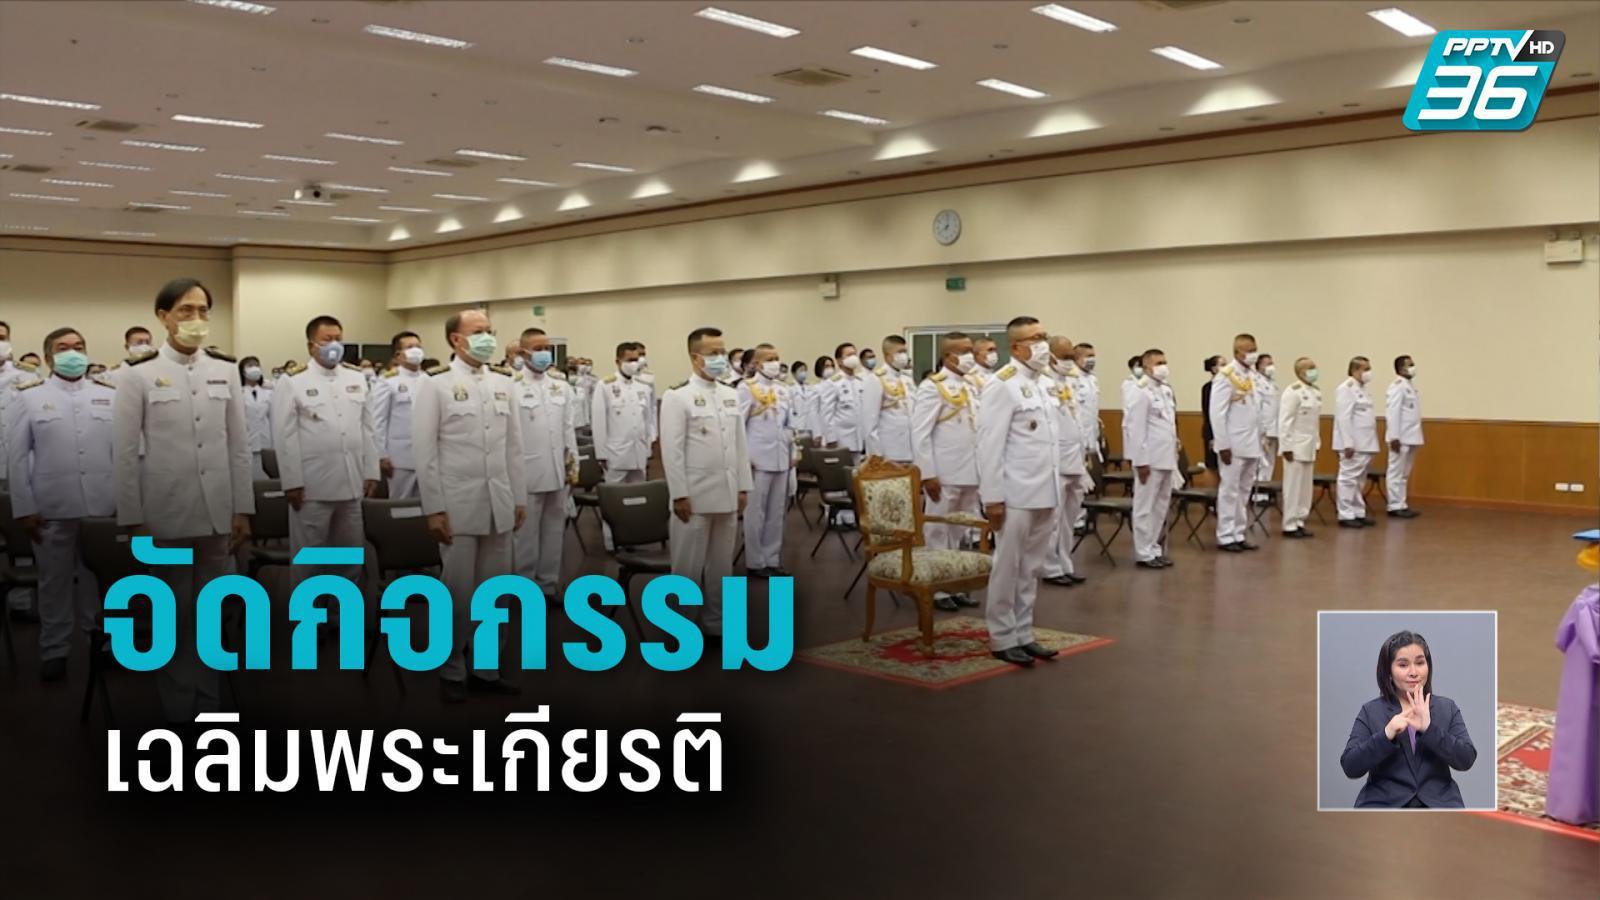 ทั่วไทยจัดกิจกรรมเฉลิมพระเกียรติสมเด็จพระราชินี